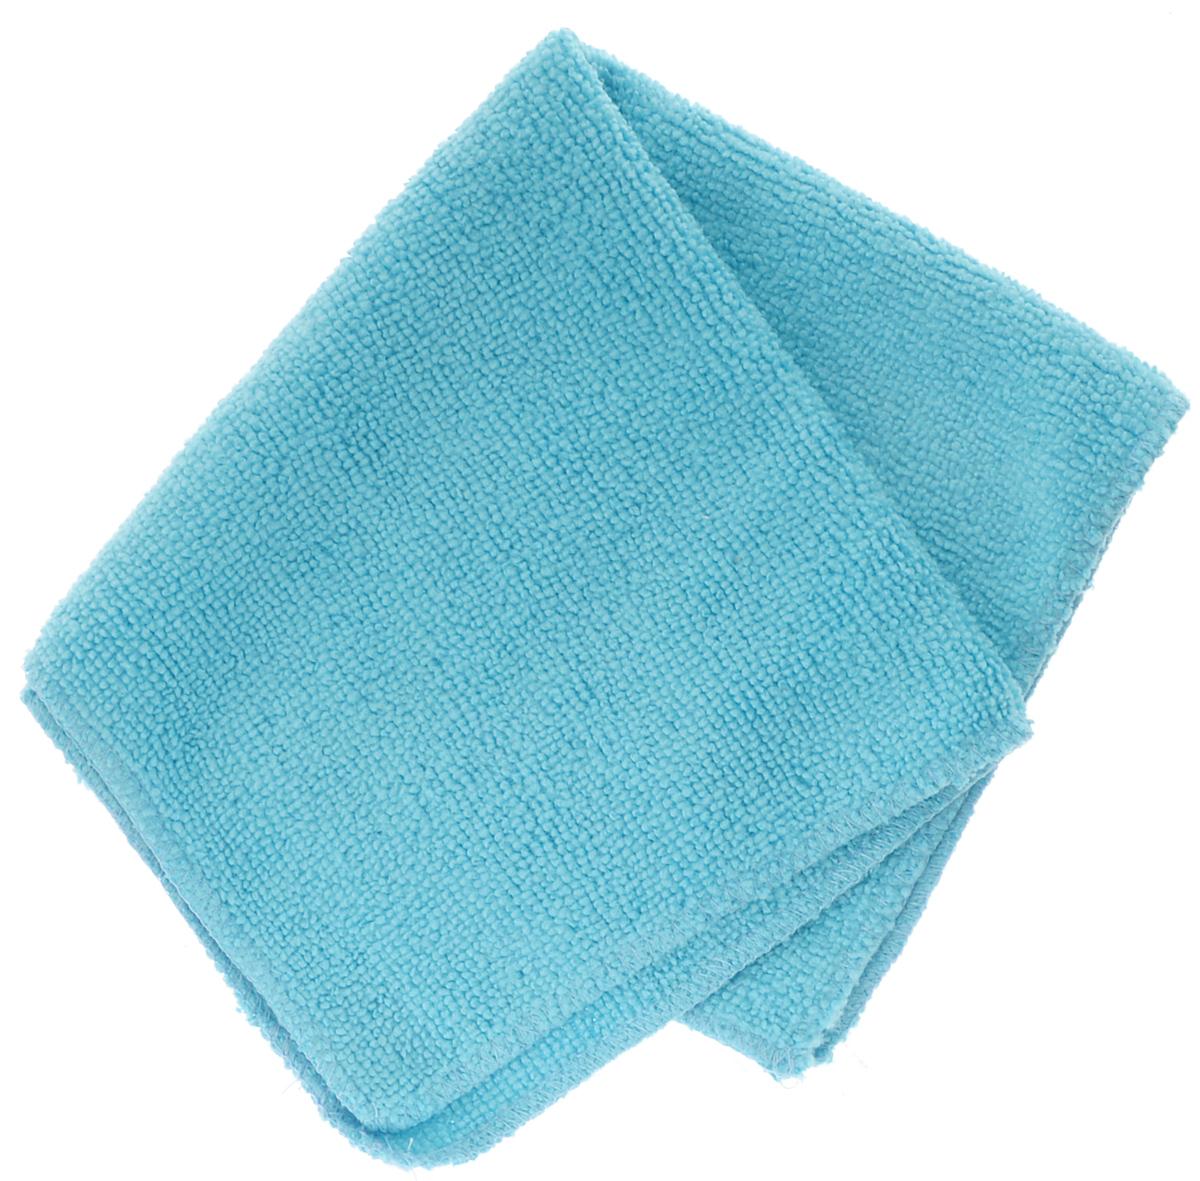 Салфетка автомобильная EvaAuto, универсальная , цвет: голубой, 30 х 30 смТ08_голубойУниверсальная автомобильная салфетка EvaAuto, выполненная из микрофибры, идеально подходит для уборки. В сухом виде применяется для вытирания пыли и легких загрязнений, во влажном - для удаления загрязнений с любых поверхностей без применения моющих средств. Не оставляет разводов и ворсинок, полностью впитывает влагу. Сохраняет эффект даже после многократных стирок. Размер салфетки: 30 см х 30 см.